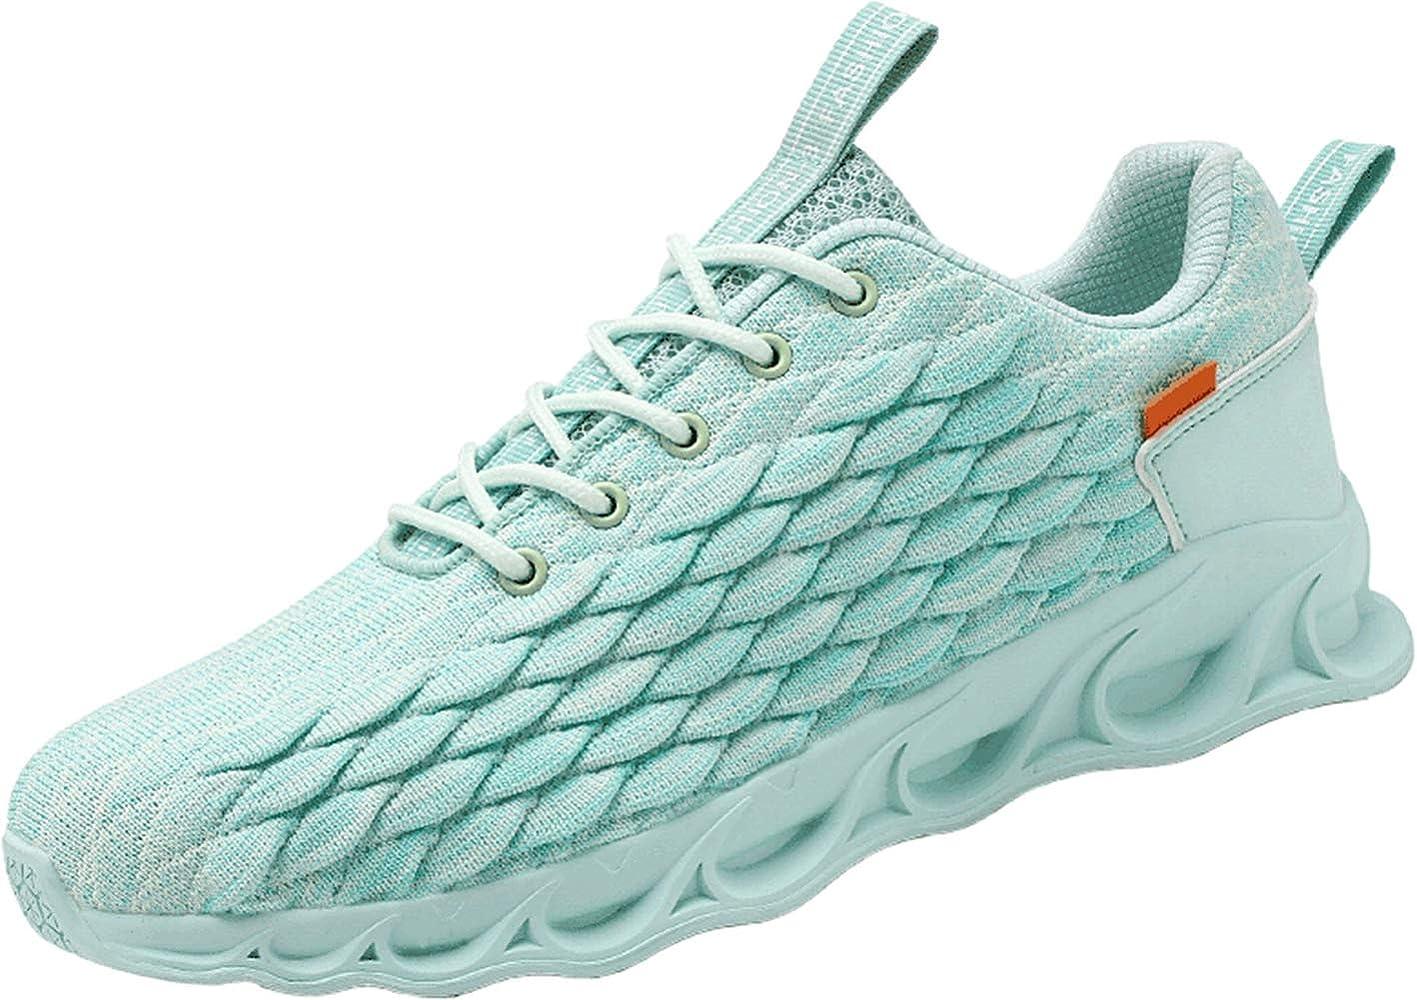 OREEO - Zapatillas de Running para Hombre, Casuales, Deportivas ...